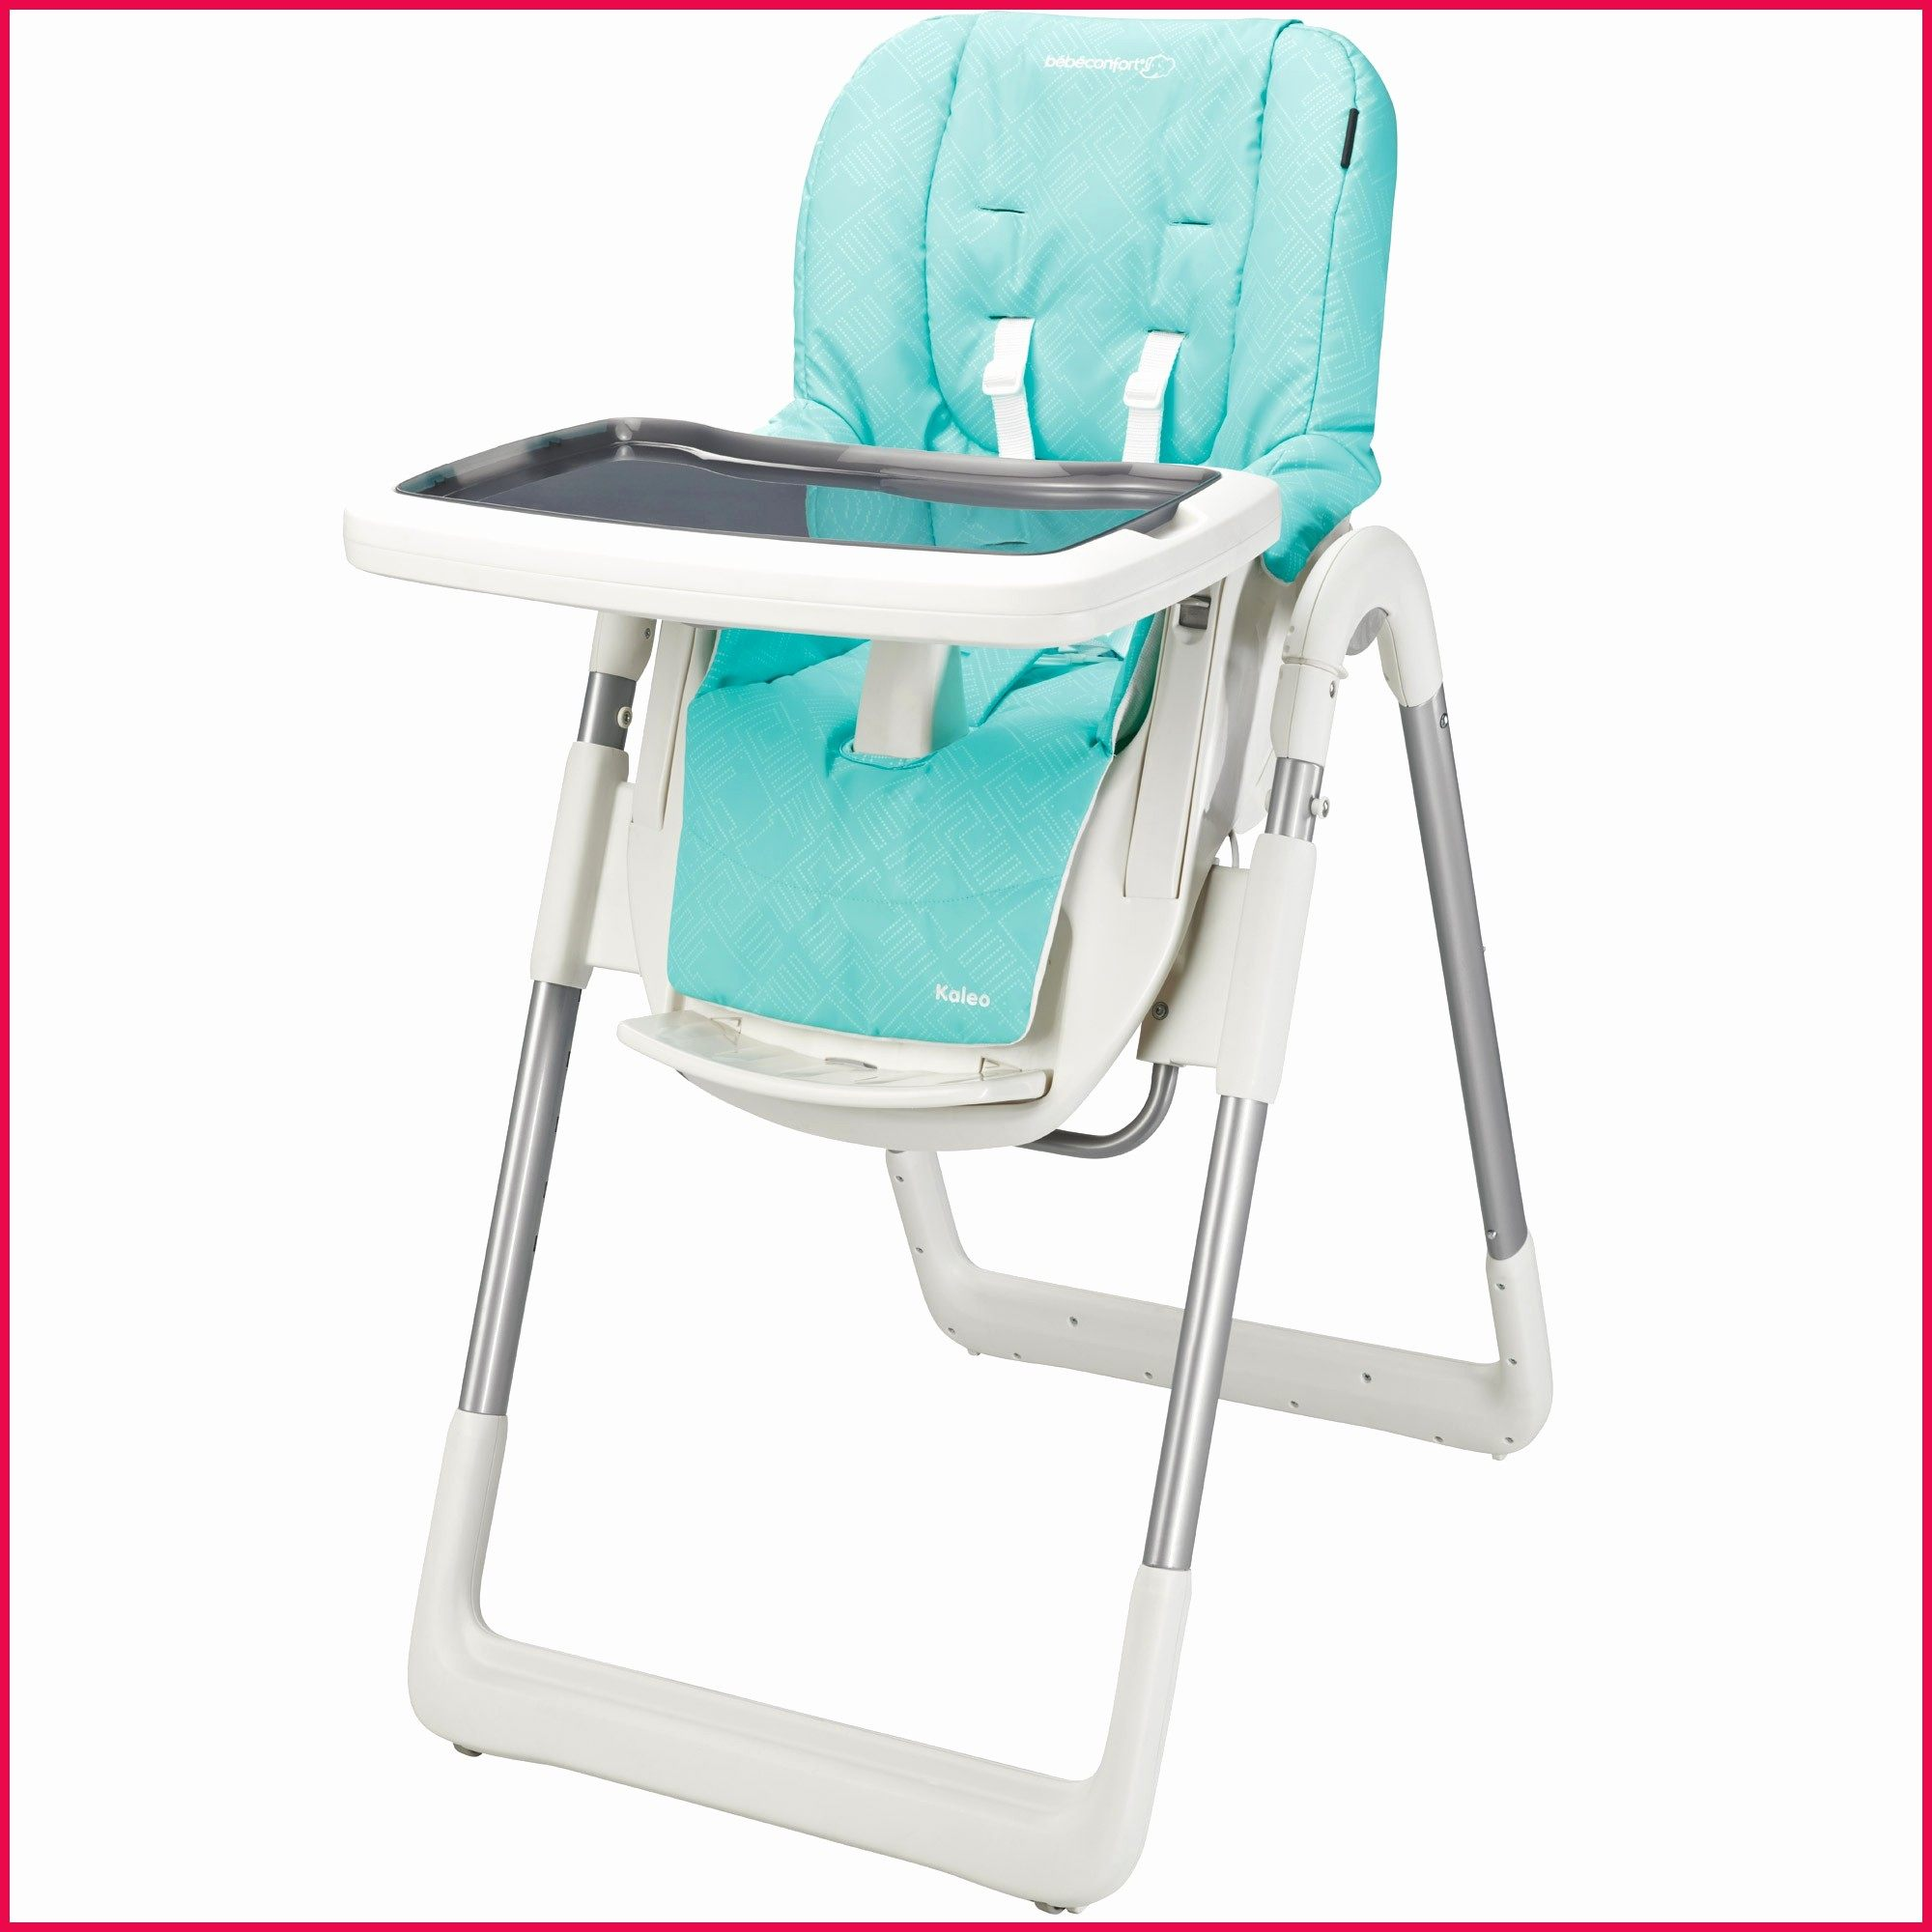 Lit Bébé 70×140 Belle Chaise Haute Bébé Pliante Elegant Lit Bébé Transformable Inspirant